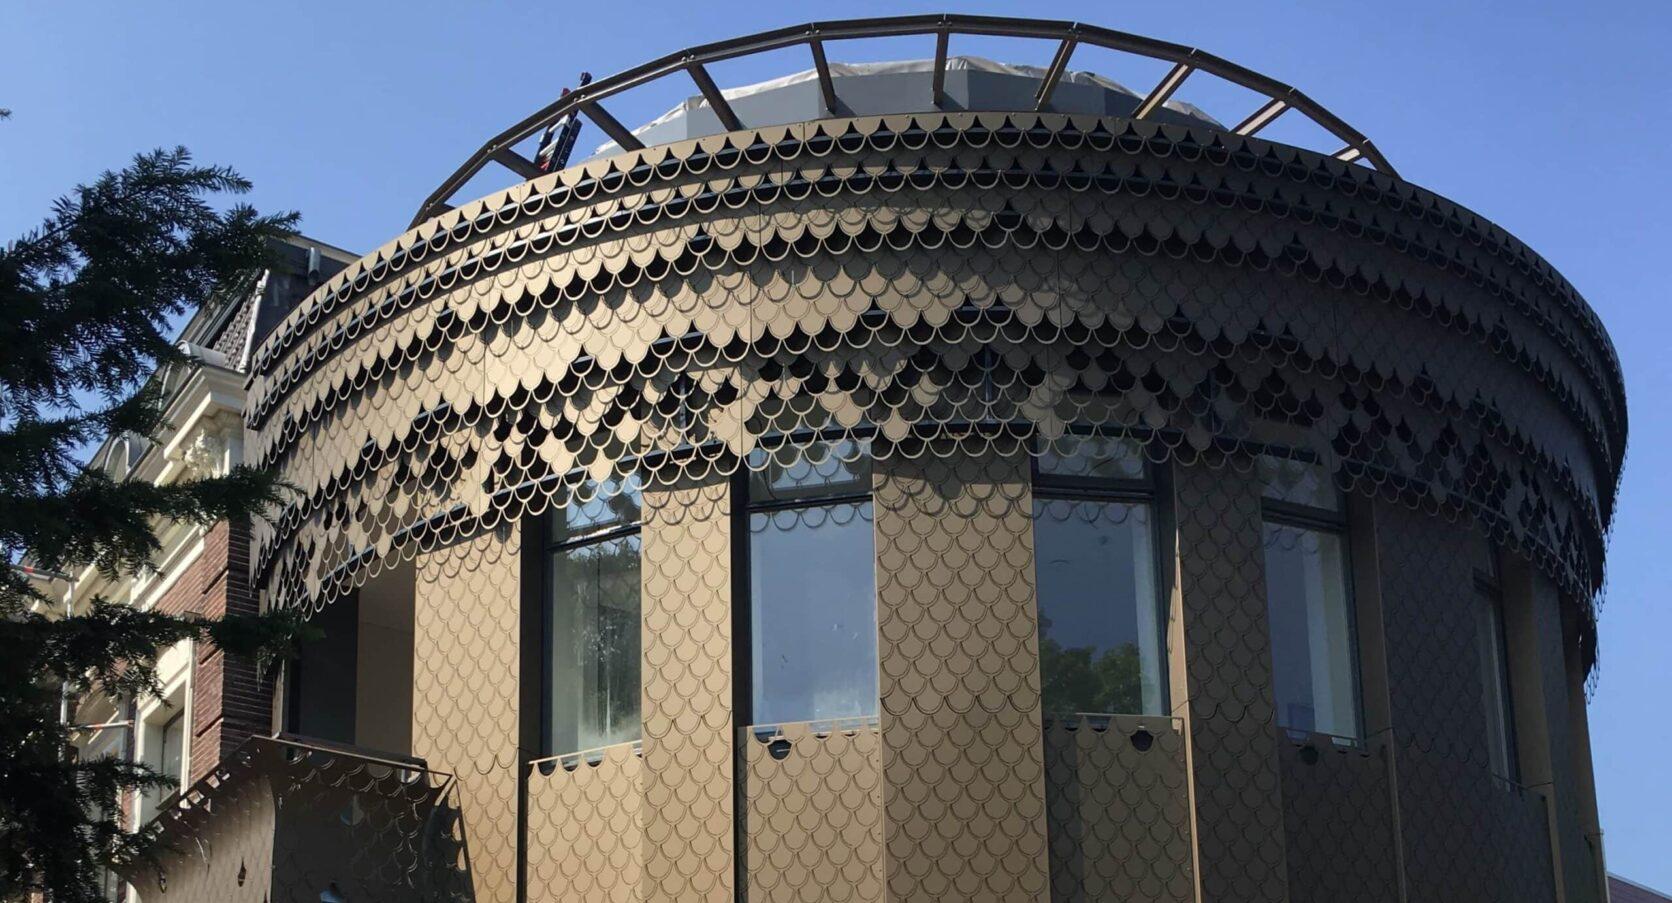 Wooncomplex Plantsoen in Leiden met een prachtig aangezicht met MD Formatura in bladmotief